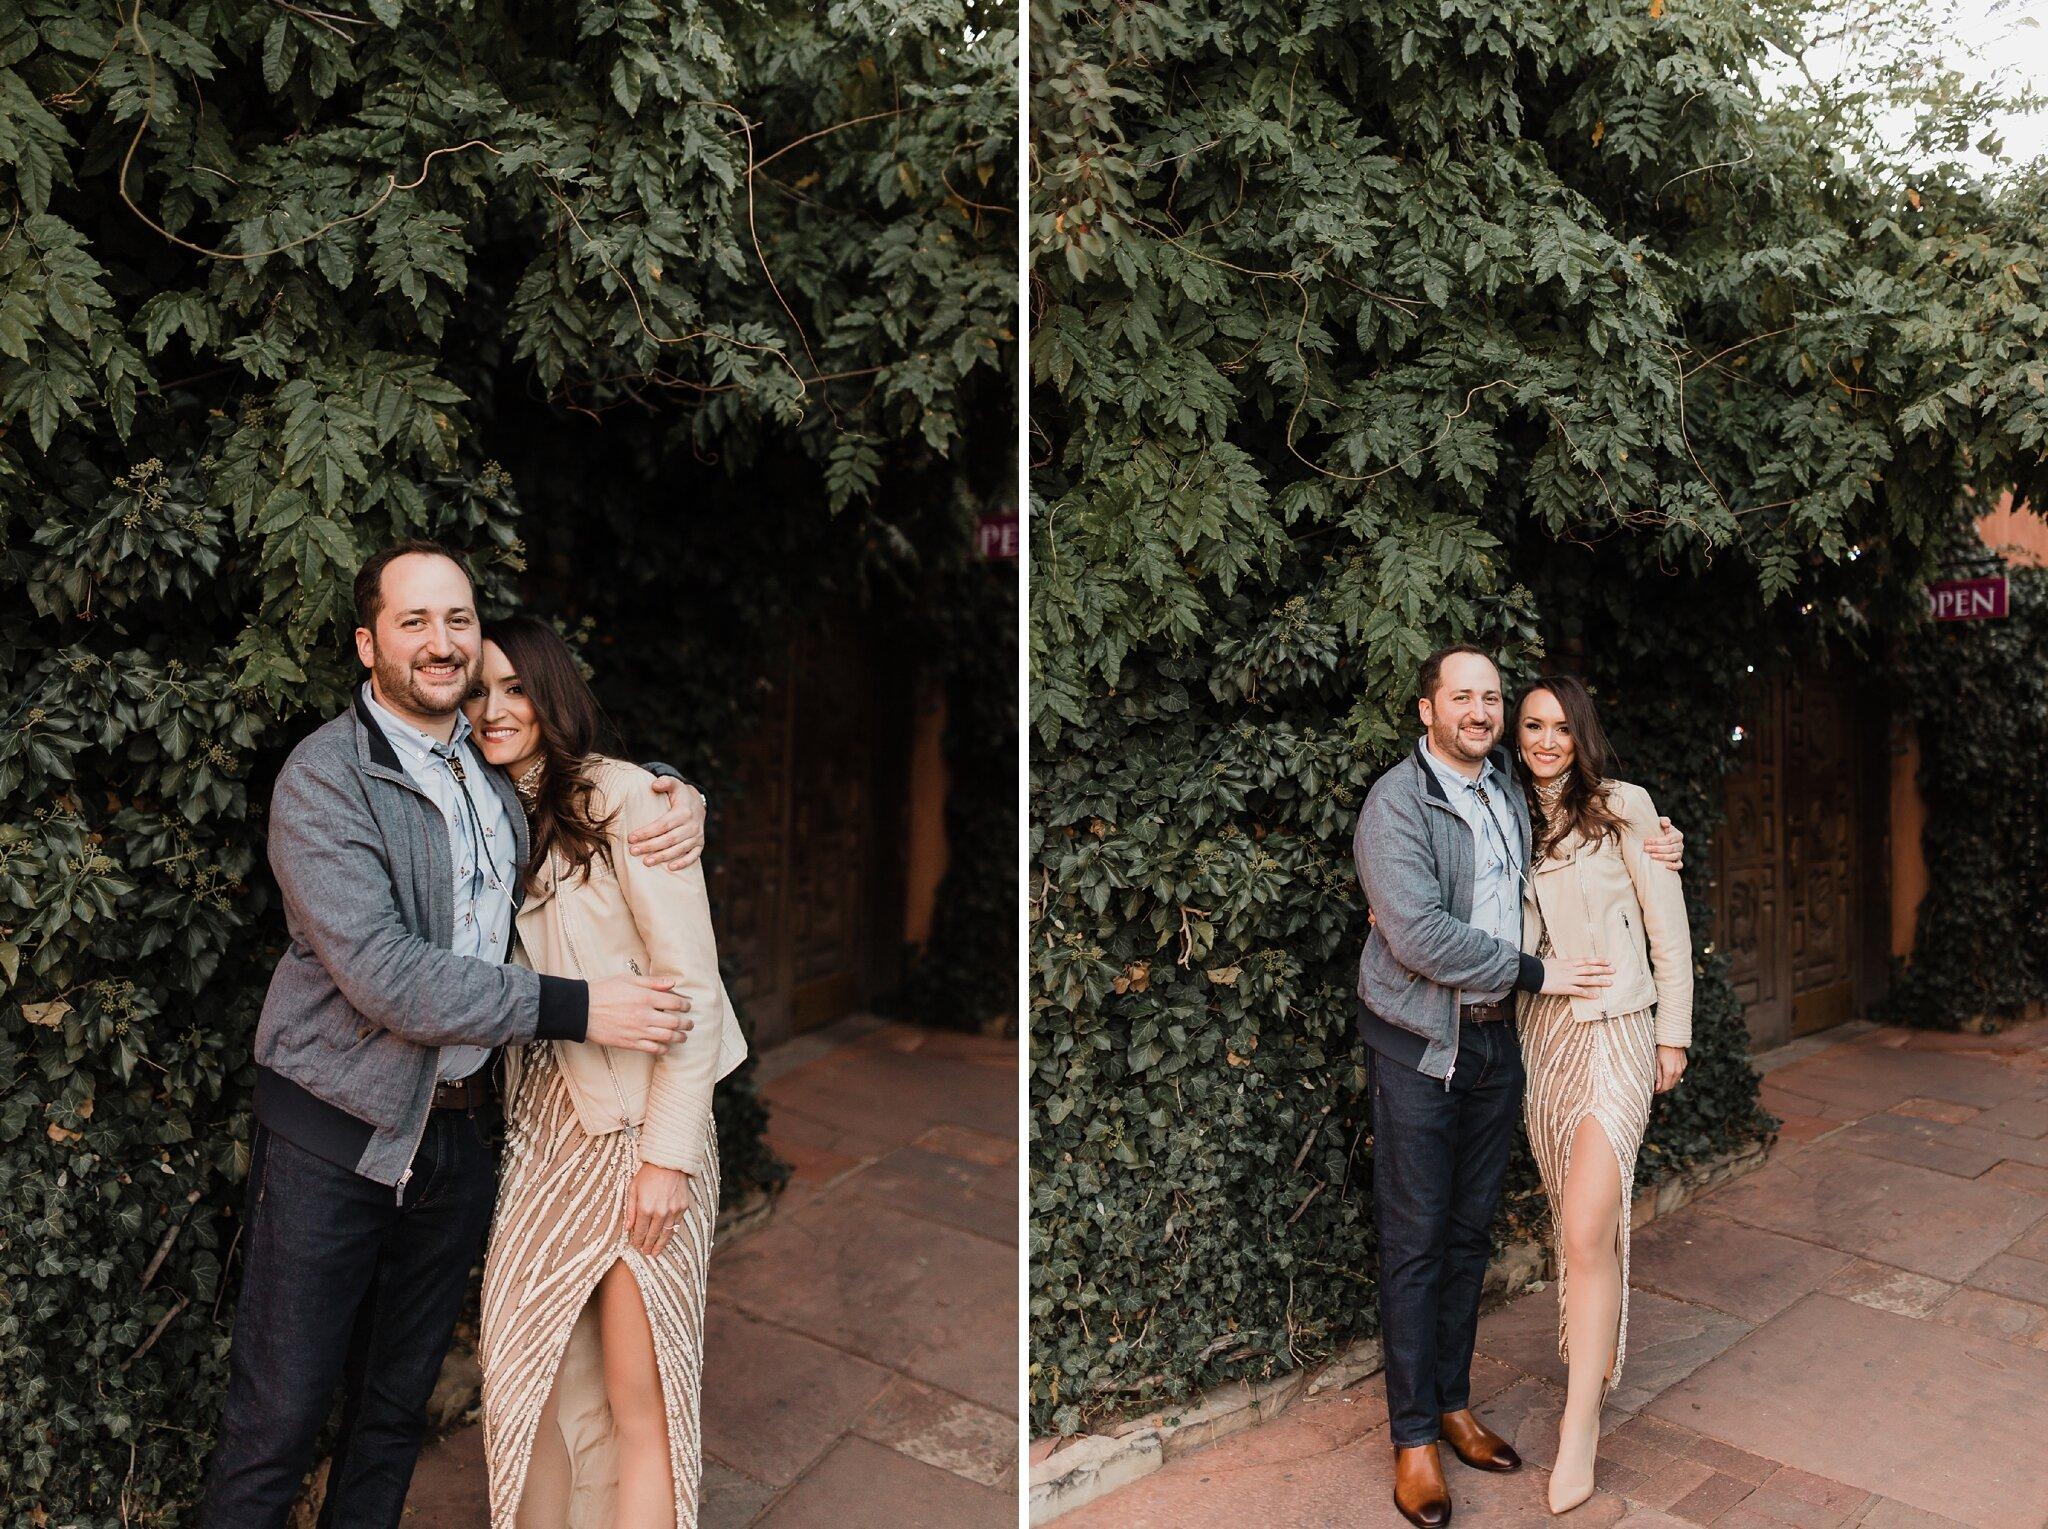 Alicia+lucia+photography+-+albuquerque+wedding+photographer+-+santa+fe+wedding+photography+-+new+mexico+wedding+photographer+-+new+mexico+wedding+-+rehearsal+dinner+-+wedding+rehearsal+dinner+-+santa+fe+rehearsal+dinner+-+chicago+bride_0014.jpg